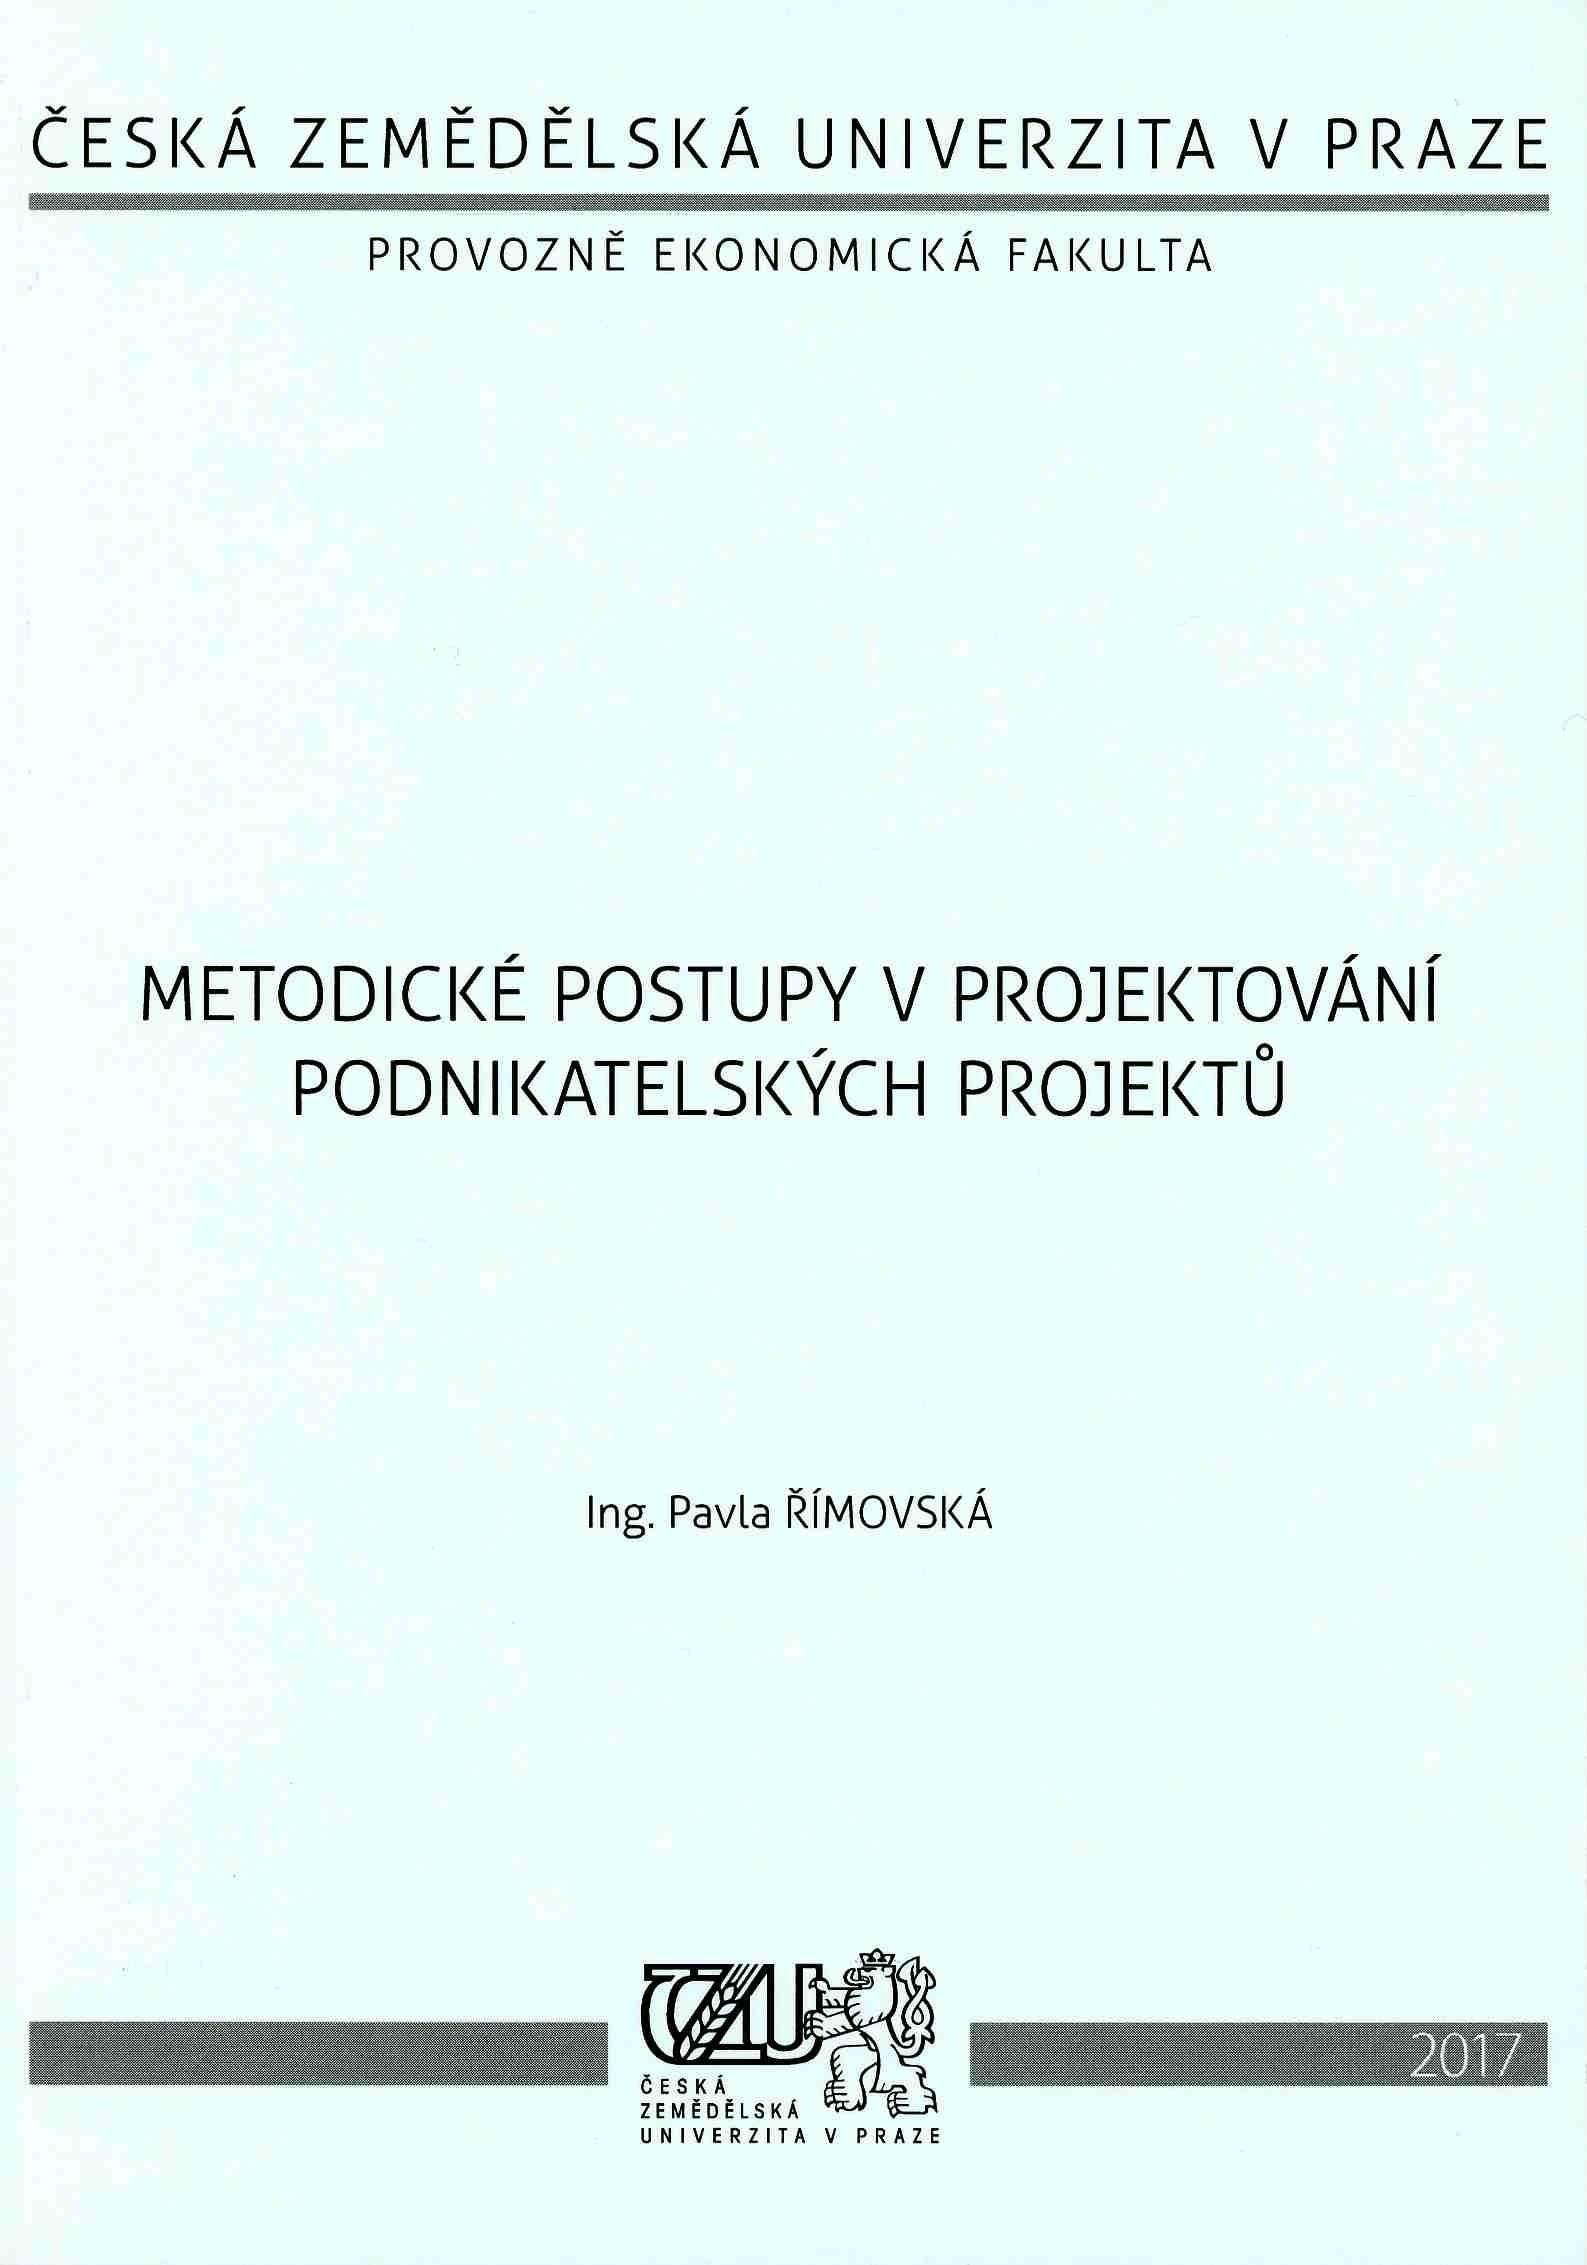 Metodické postupy v projektování podnikatelských projektů